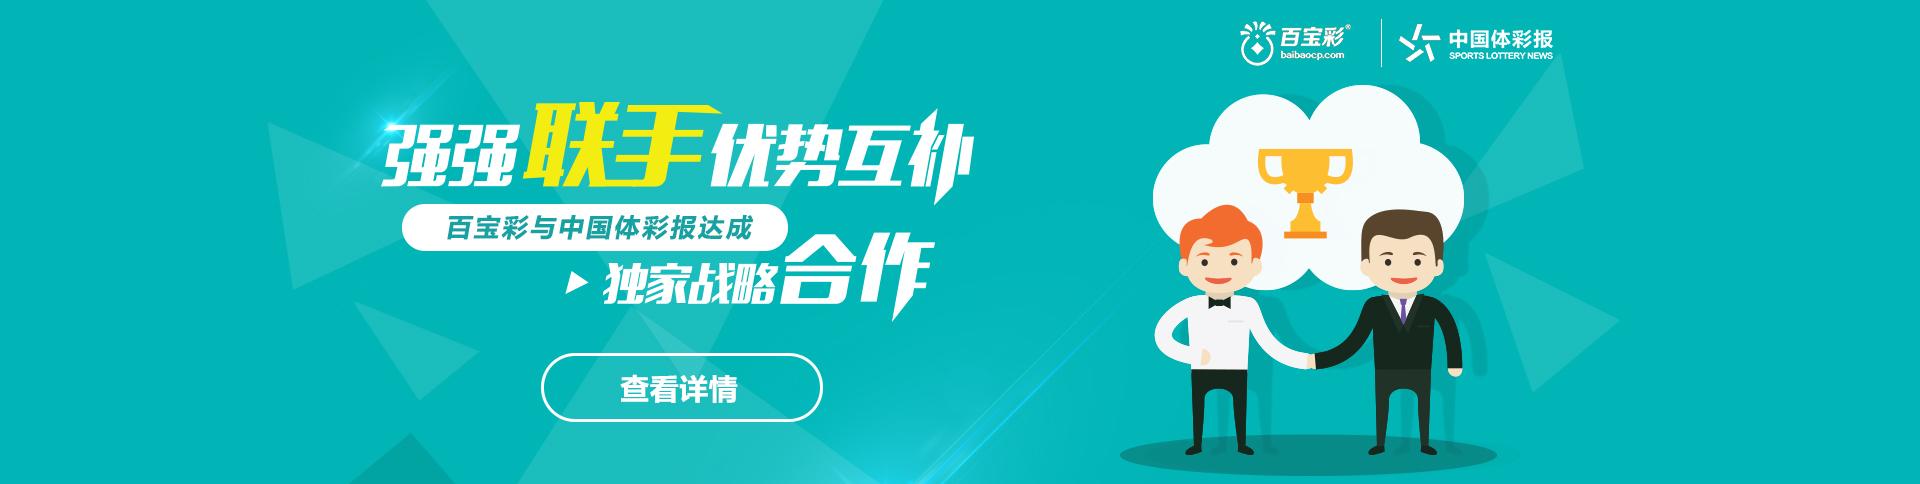 优势互补,百宝彩与中国体彩报开展战略合作